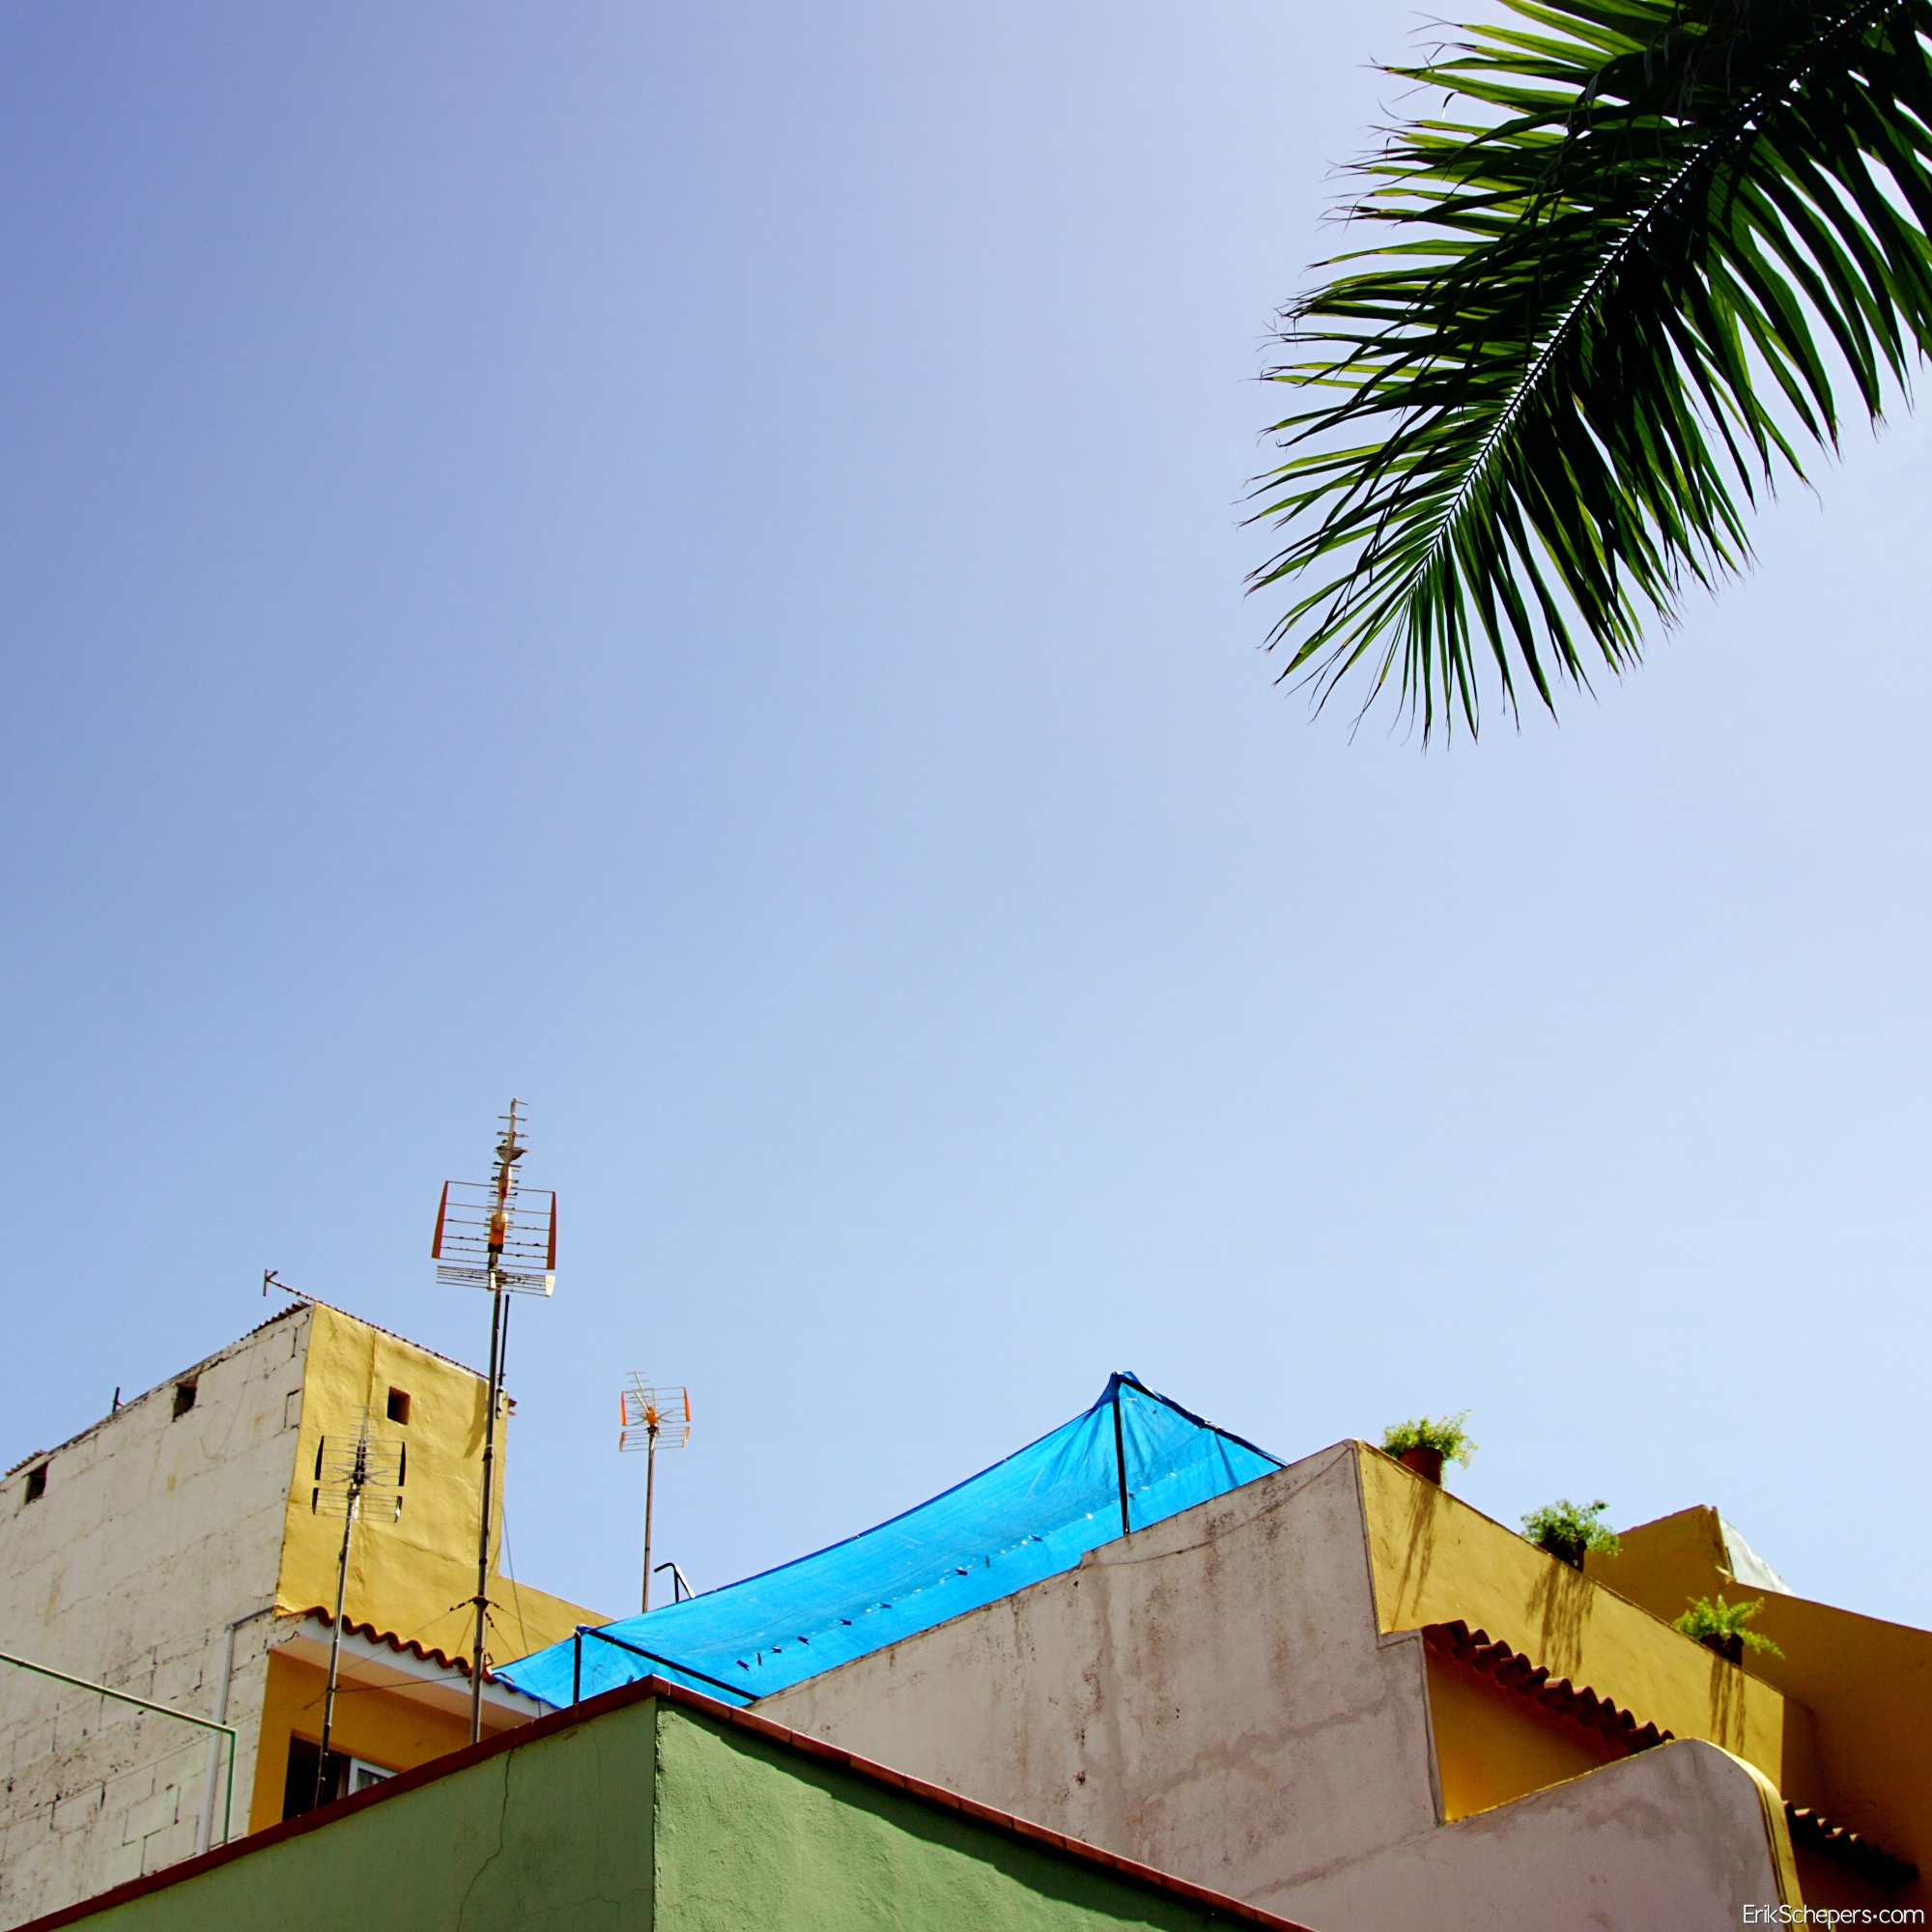 Blue Tarp Tenerife, Puerto de l - erik_schepers   ello